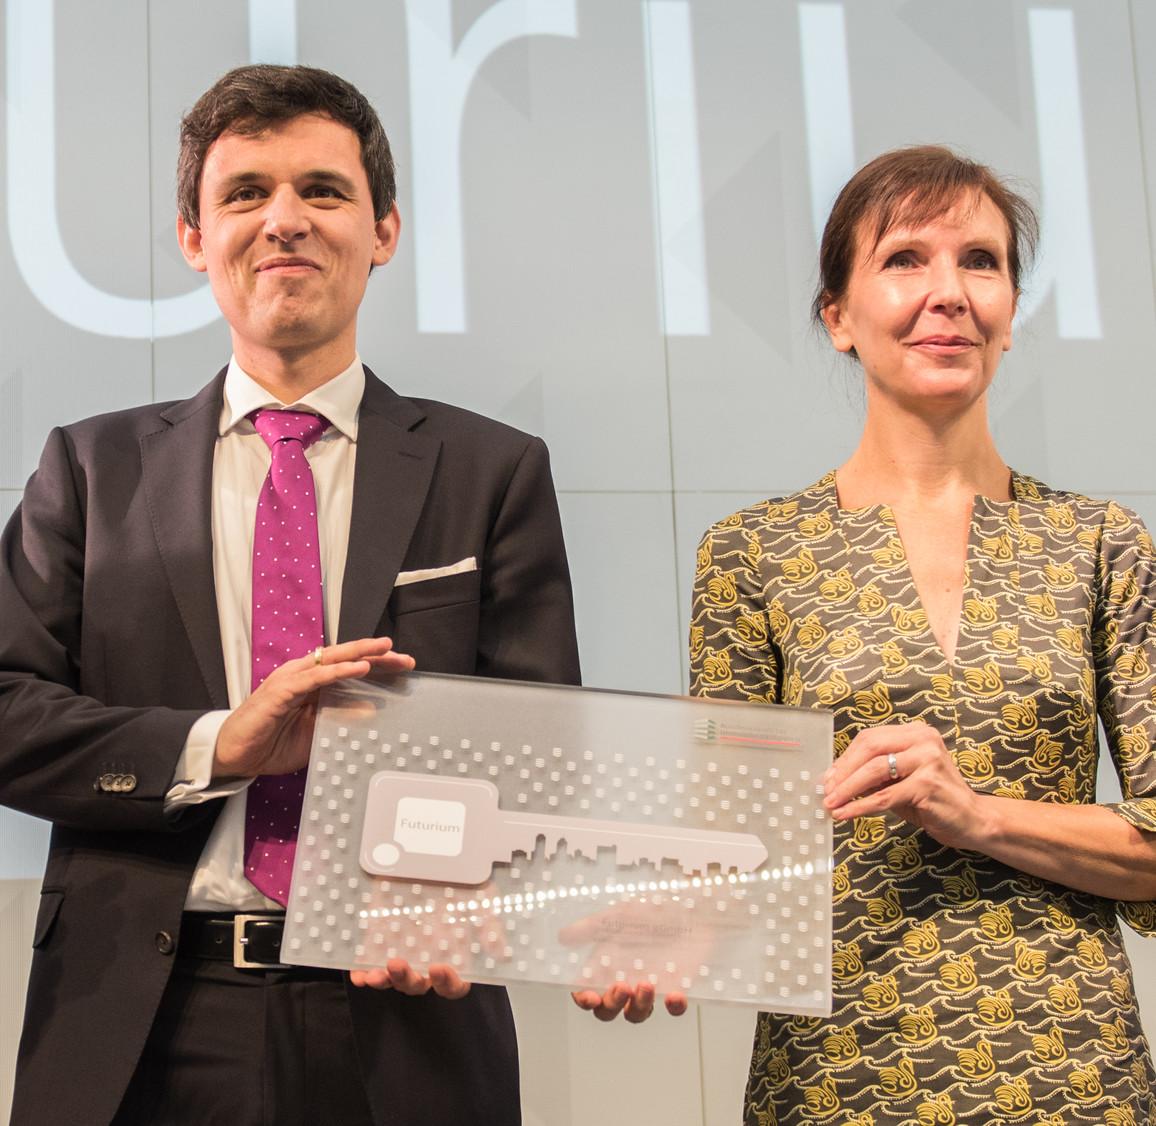 Nicole Schneider (Kaufmännische Geschäftführerin des Futuriums) und Stefan Brandt (Direktor Futurium) mit dem symbolischen Schlüssel.